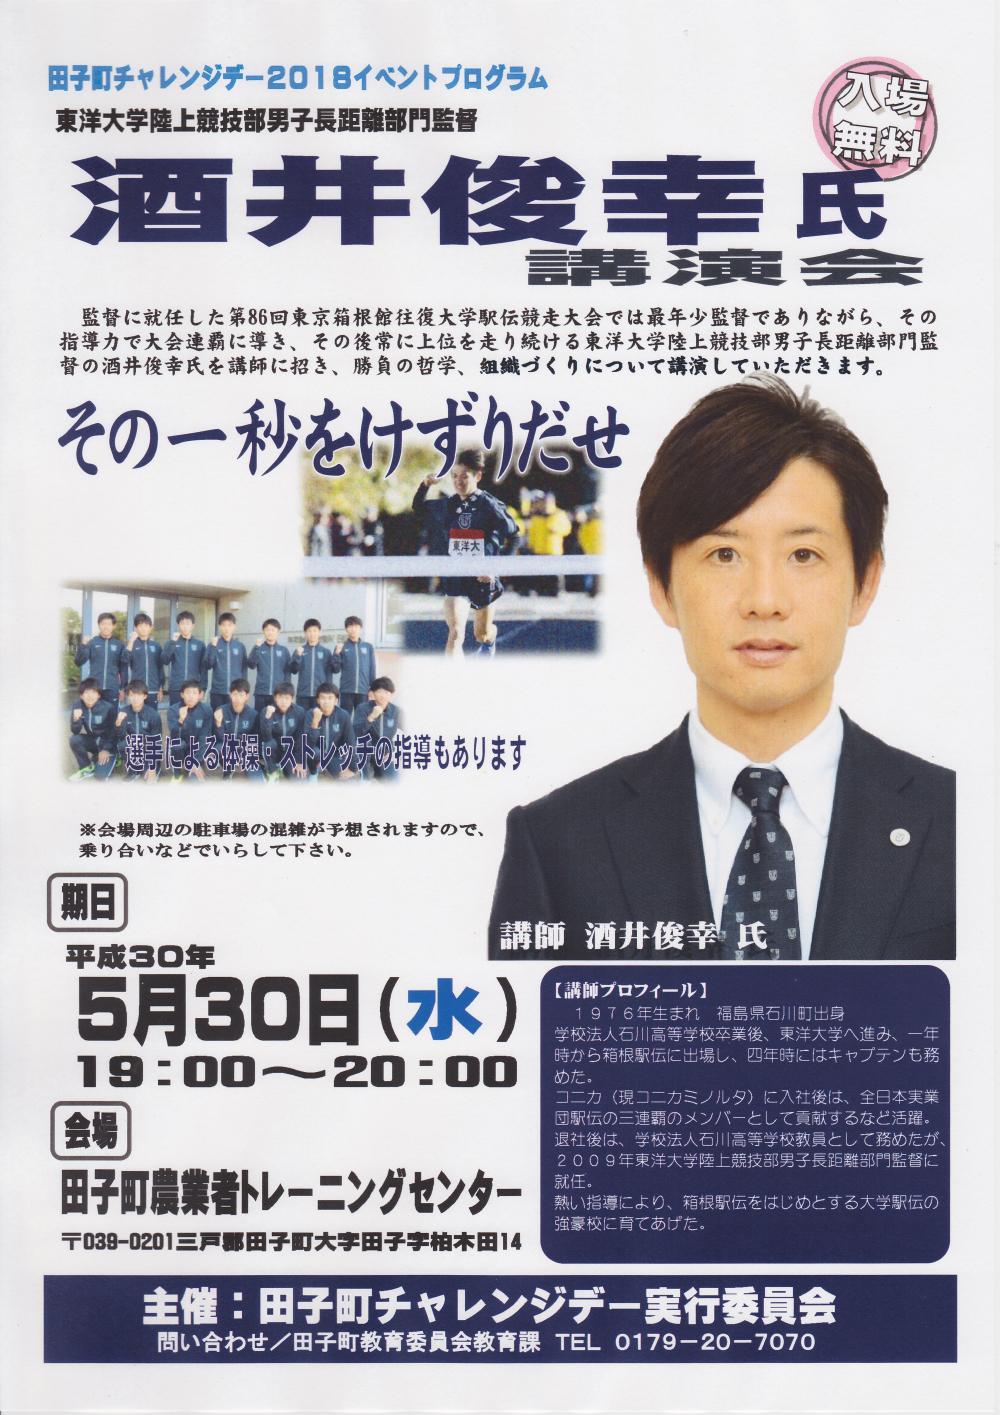 田子町チャレンジデー2018 酒井俊幸氏講演会チラシ